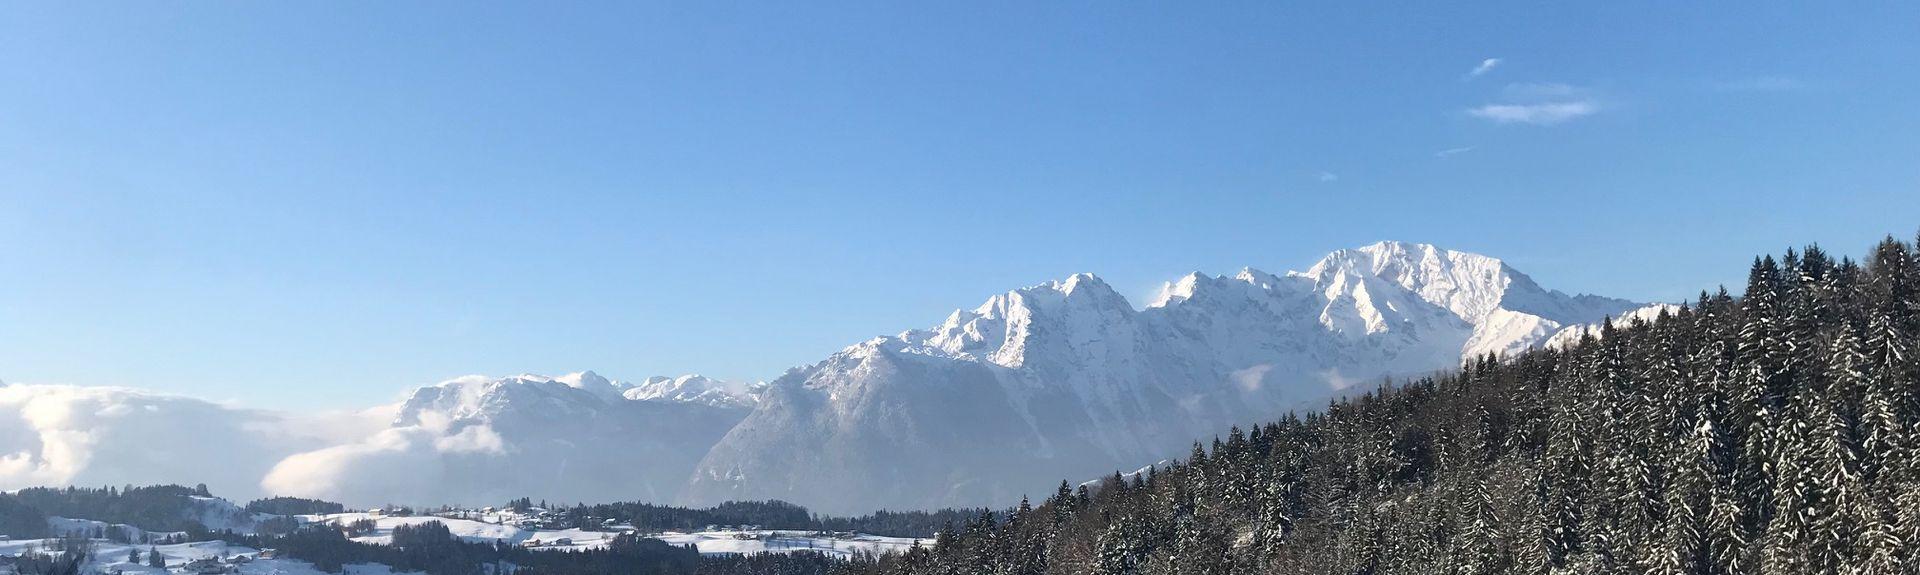 Salzburg-Aigen, Salzbourg, Autriche